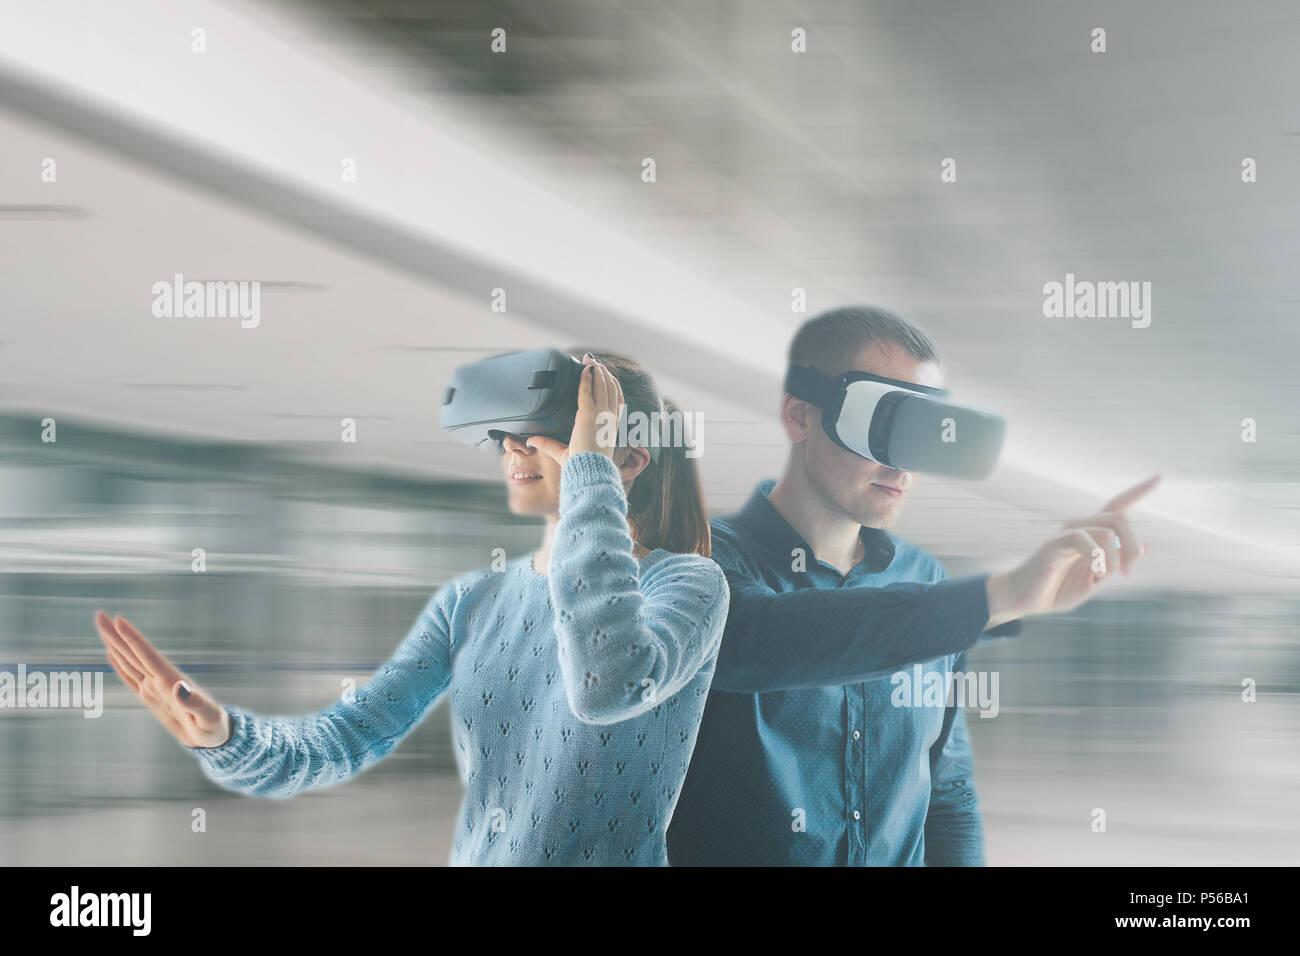 Eine junge Frau und ein junger Mann in der virtuellen Realität Gläser. Das Konzept der modernen Technologien und Technologien der Zukunft. VR-Brille. Stockbild